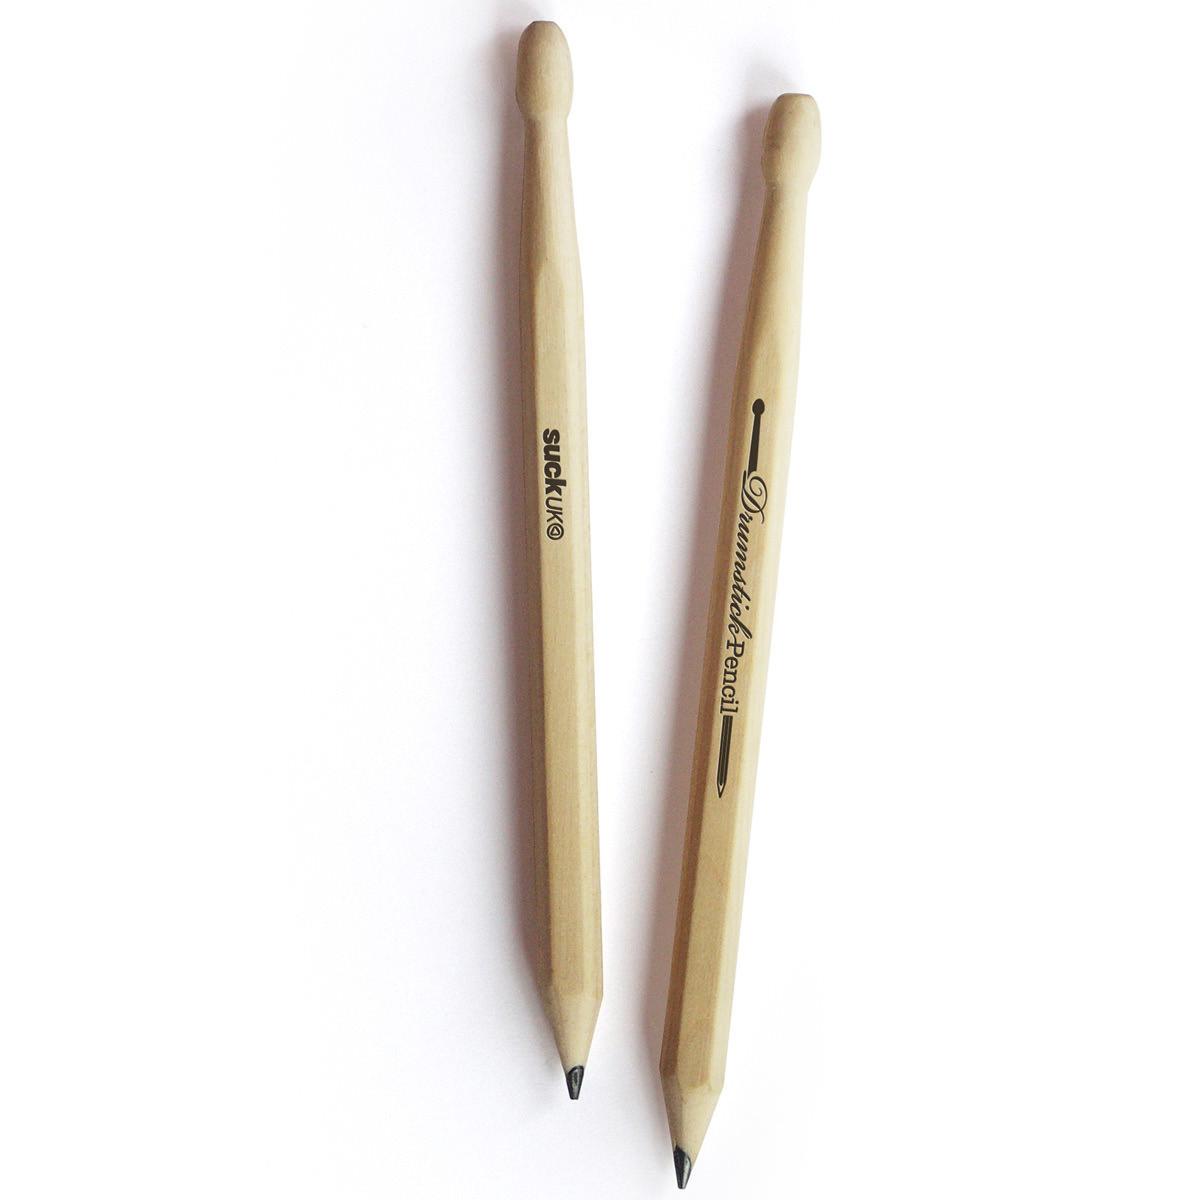 uk drumsticks pencil bleistift 2er set